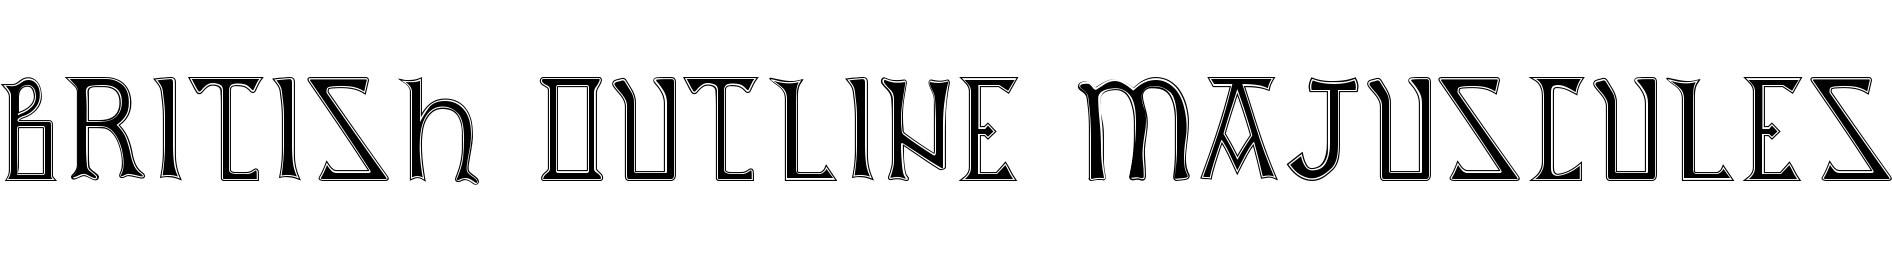 British Outline Majuscules